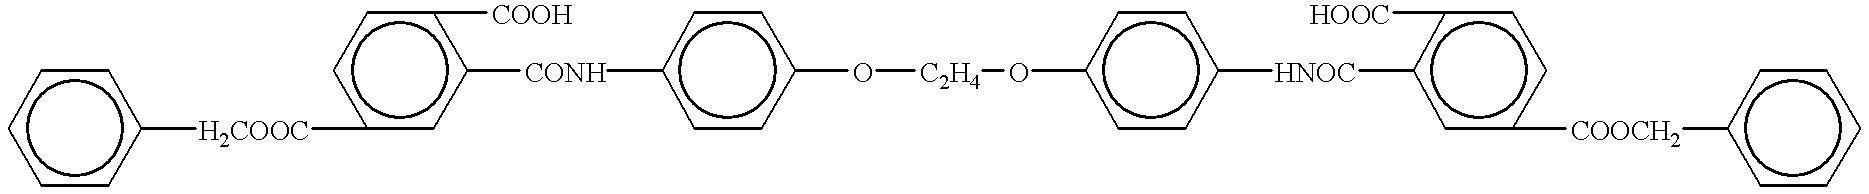 Figure US06180560-20010130-C00743